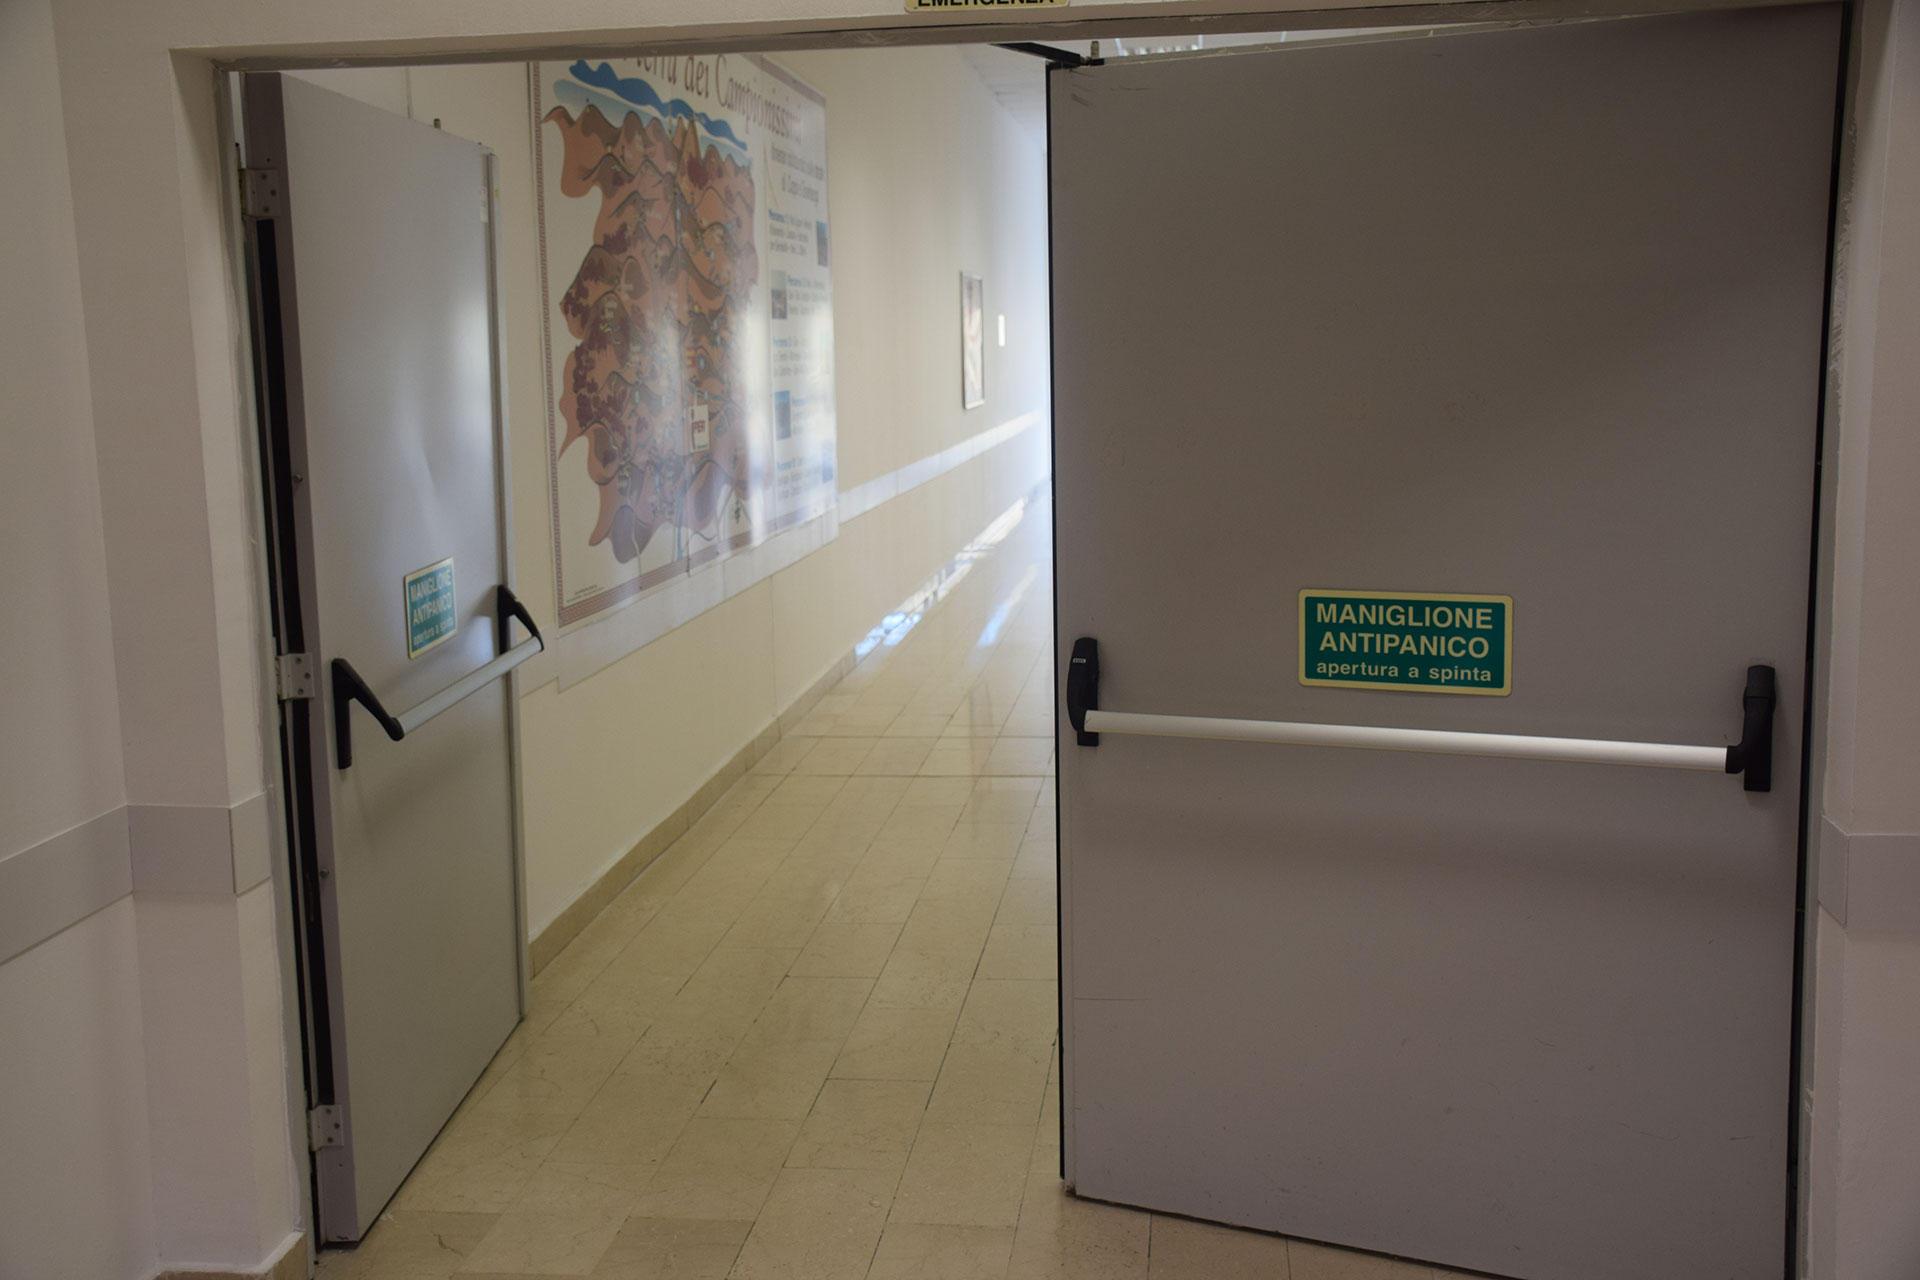 Corso per l'abilitazione all'installazione e manutenzione di porte antipanico